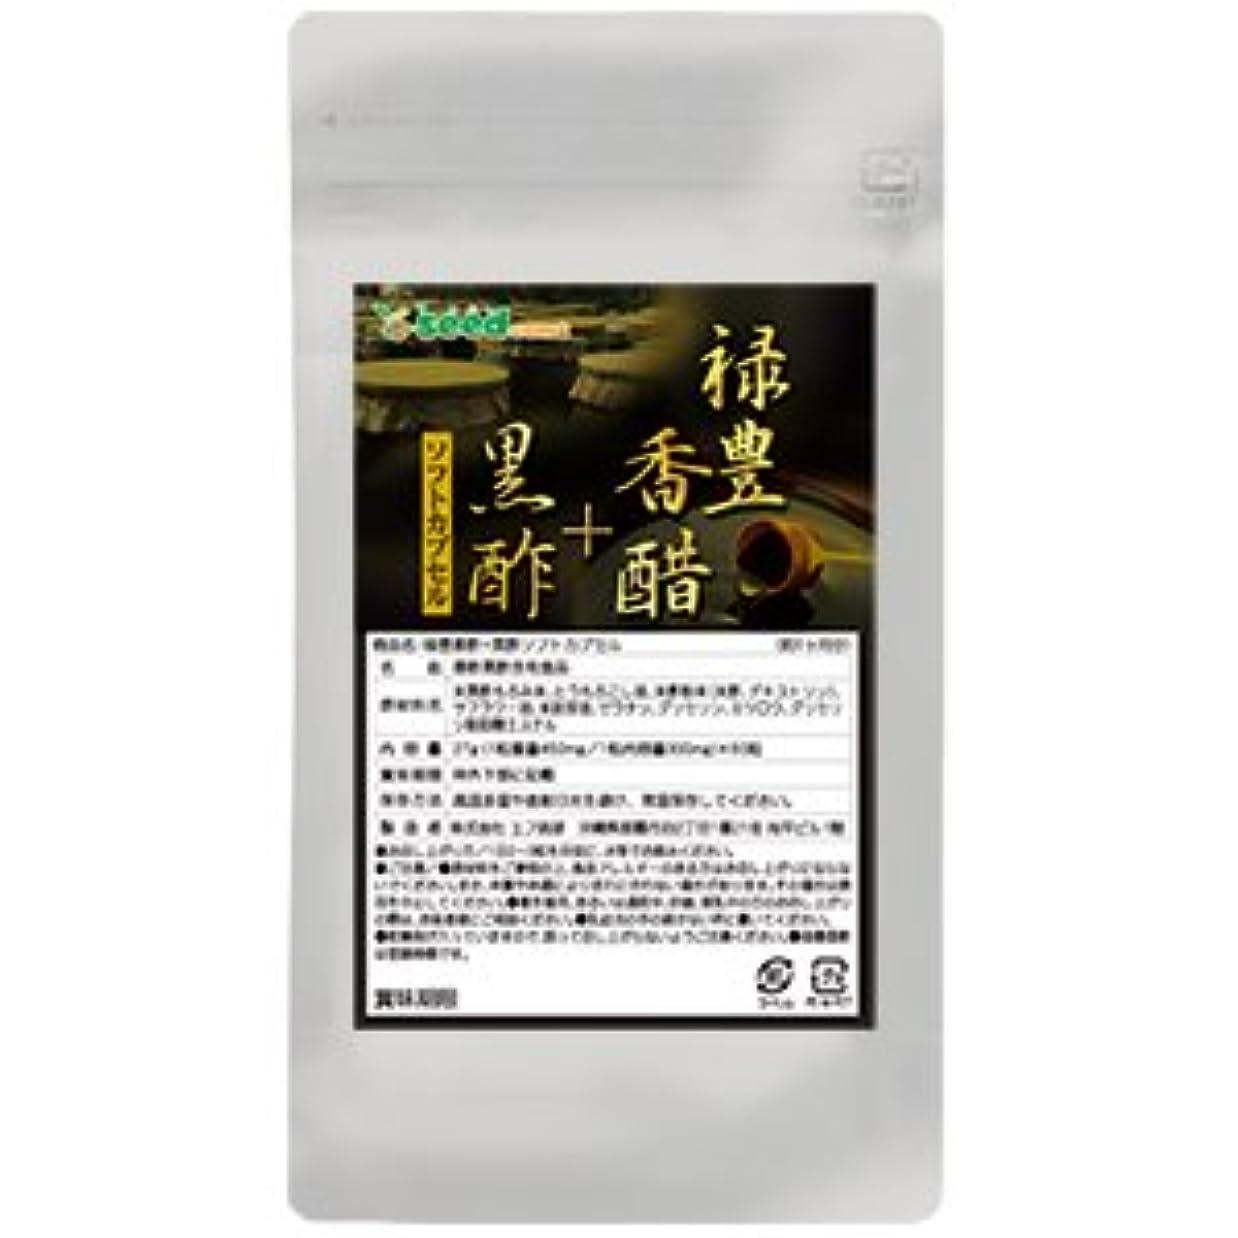 無意味登場州禄豊 香酢 + 黒酢 ソフトカプセル (約3ヶ月分/180粒)